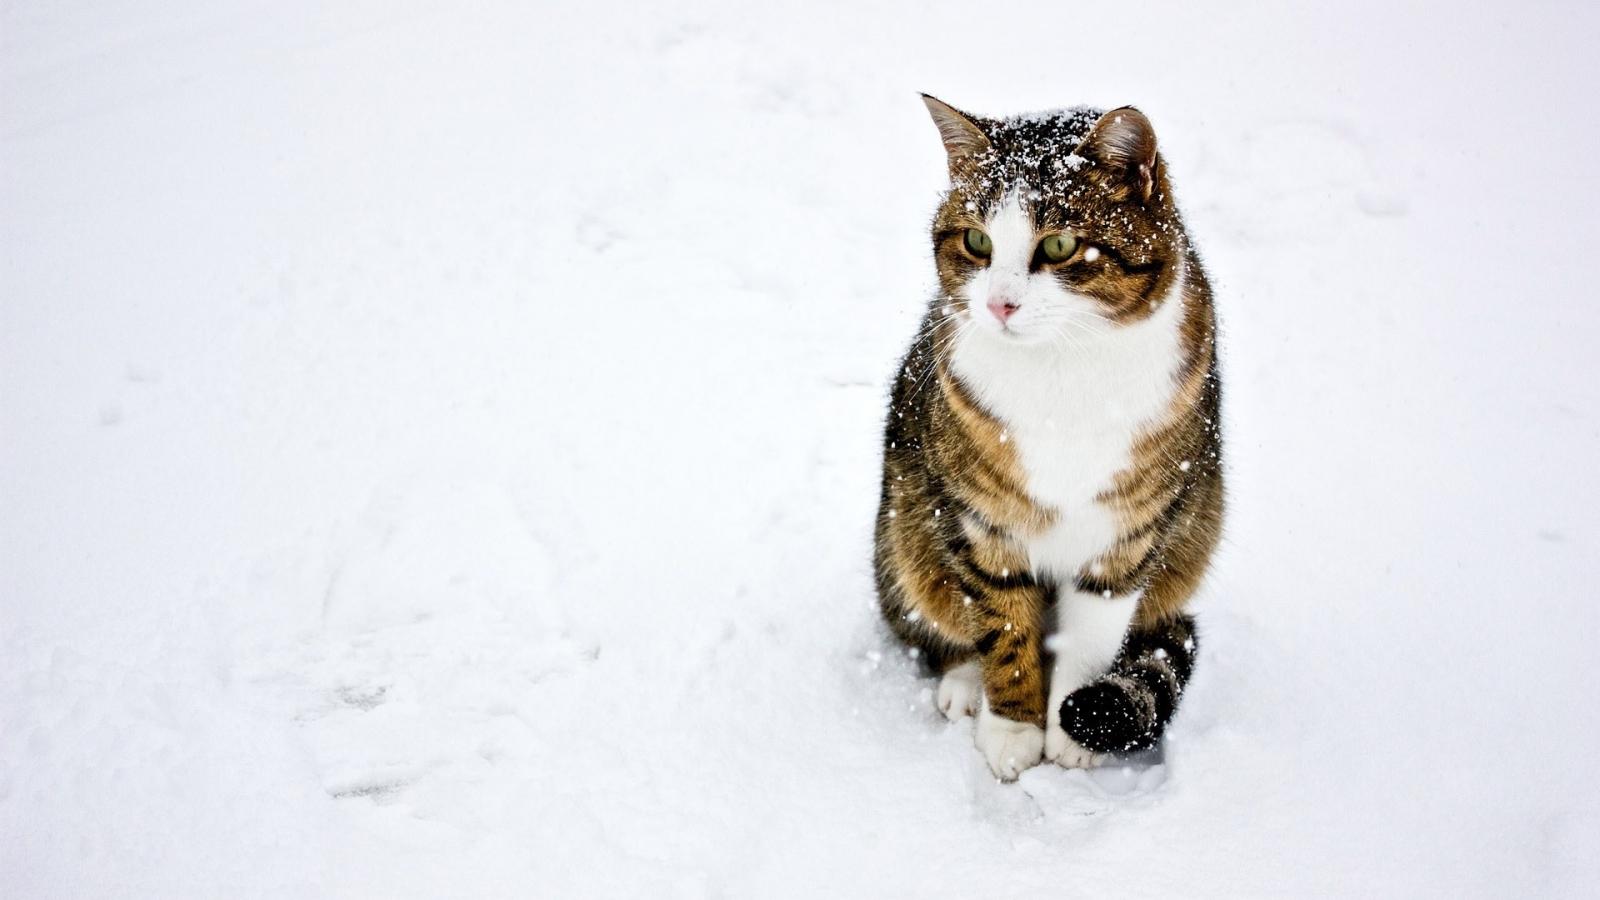 Un gato paseando en la nieve - 1600x900